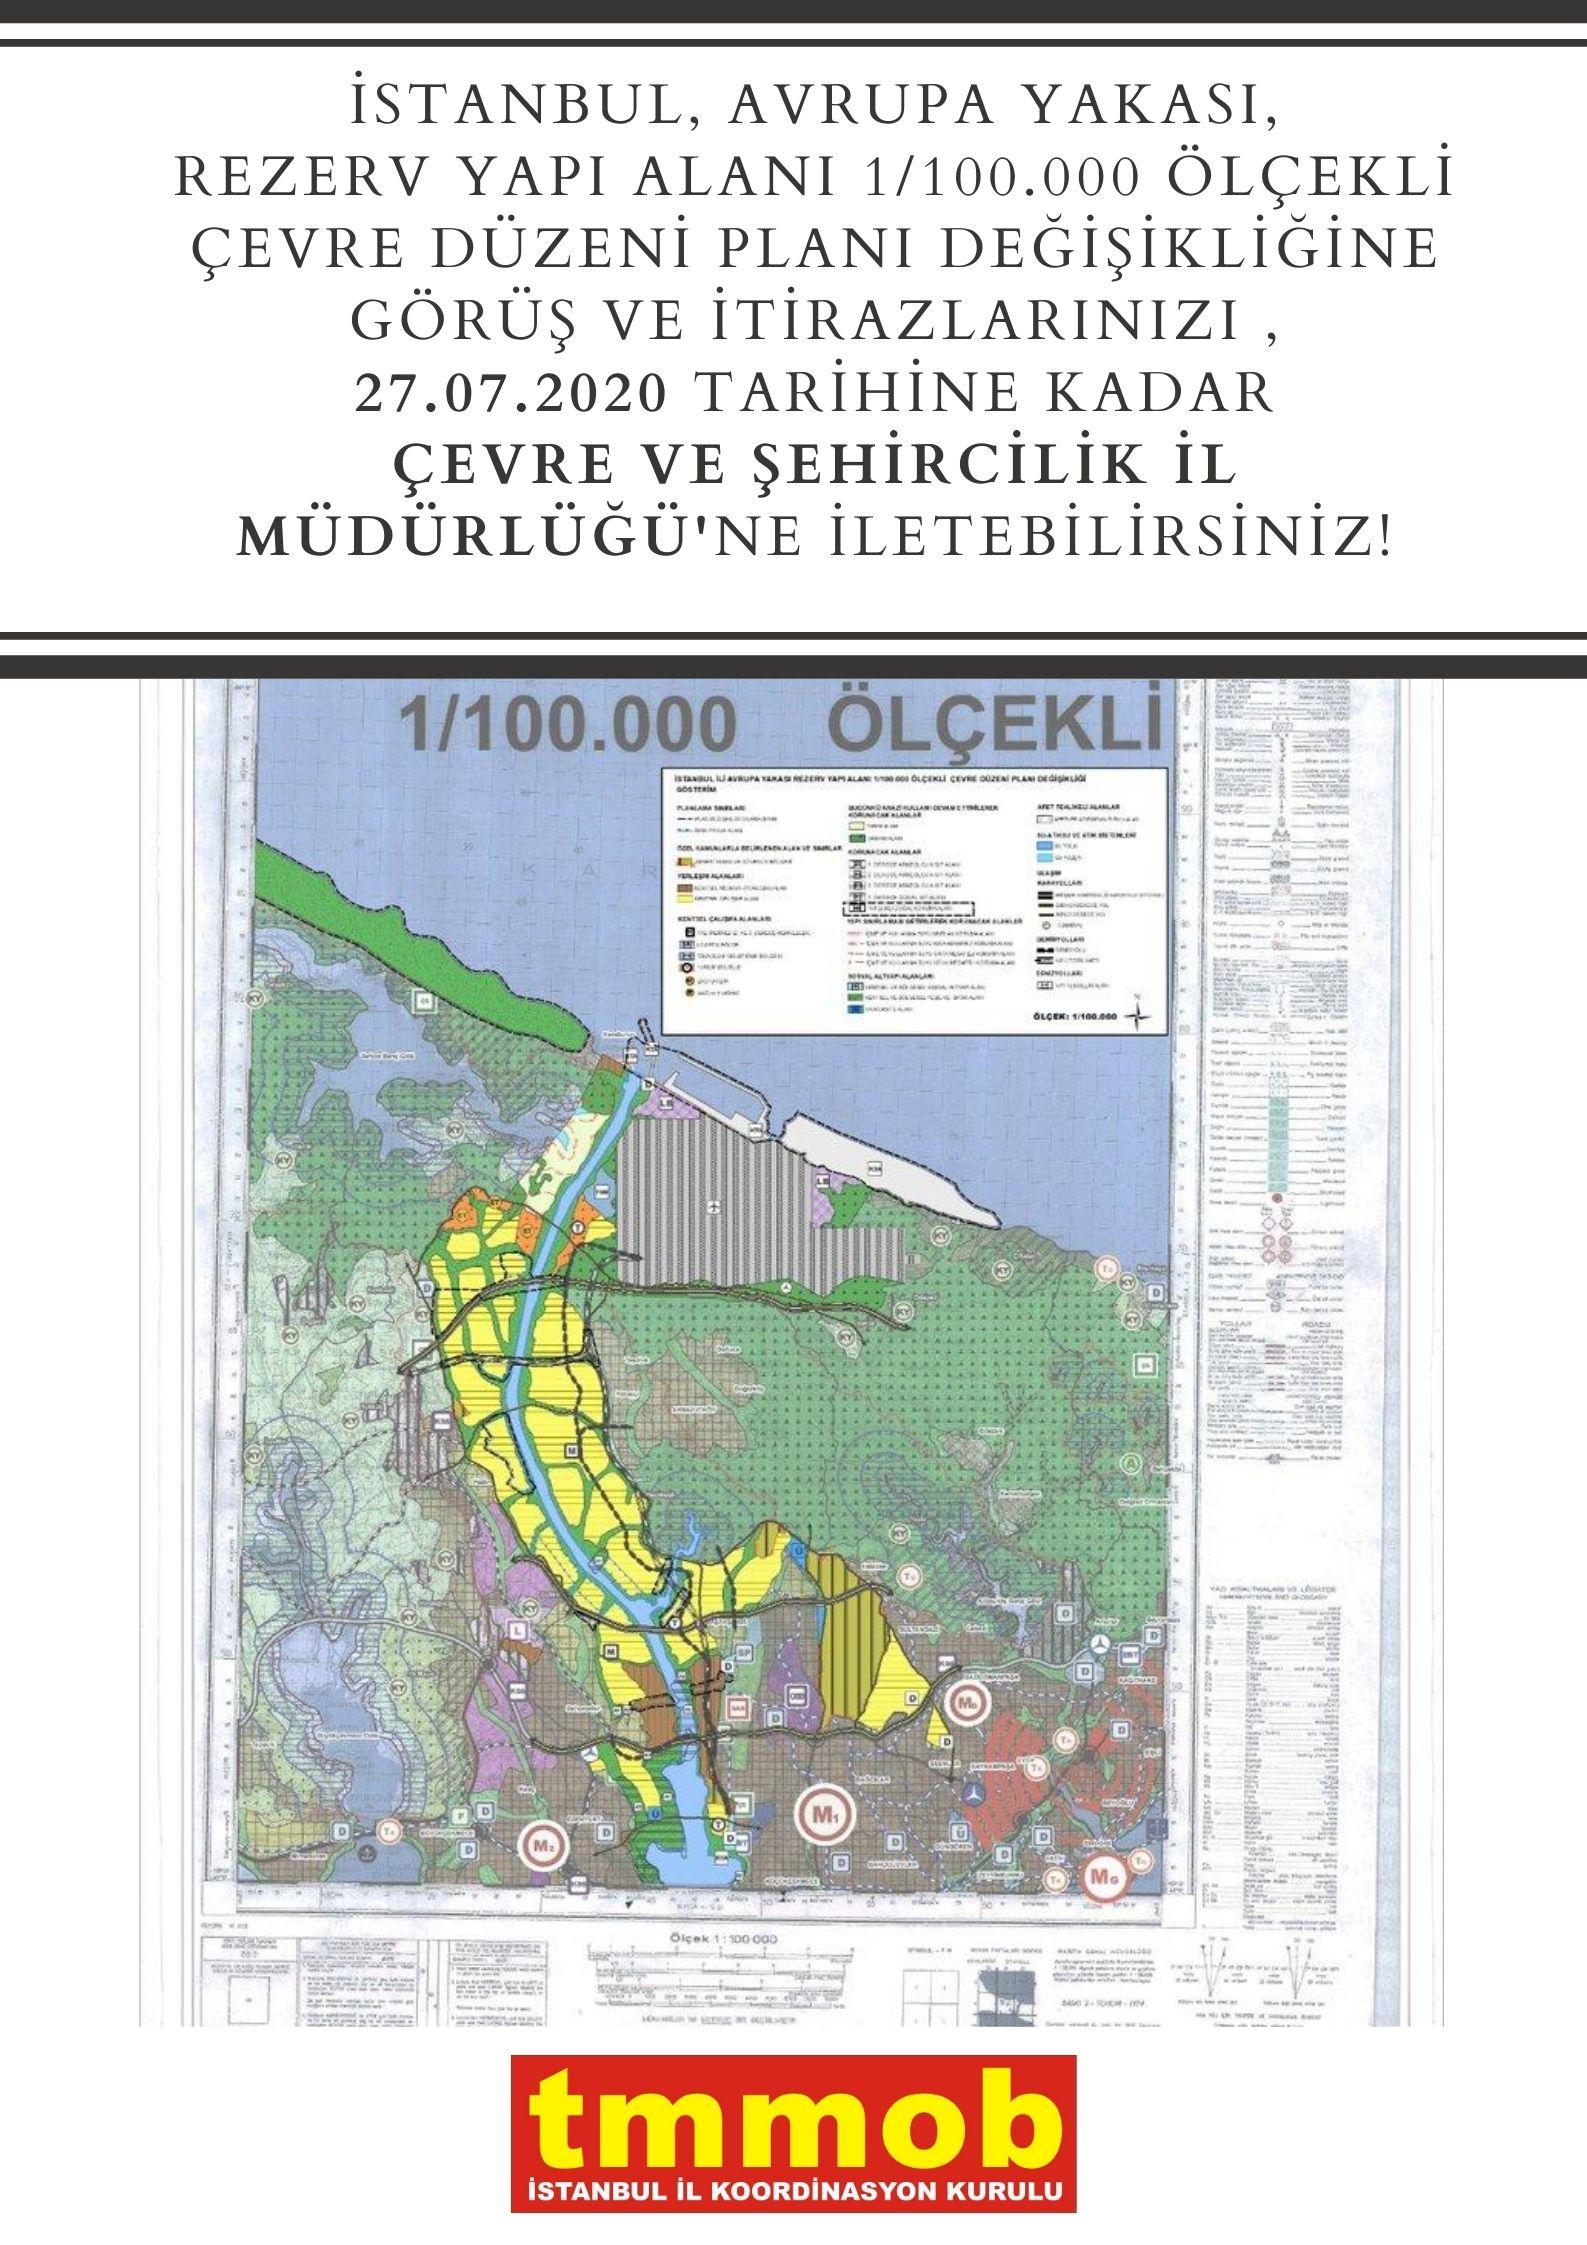 İstanbul, Avrupa Yakası, Rezerv Yapı Alanı 1/100.000 ölçekli Çevre Düzeni Planı Değişikliği İtiraz Dilekçesi